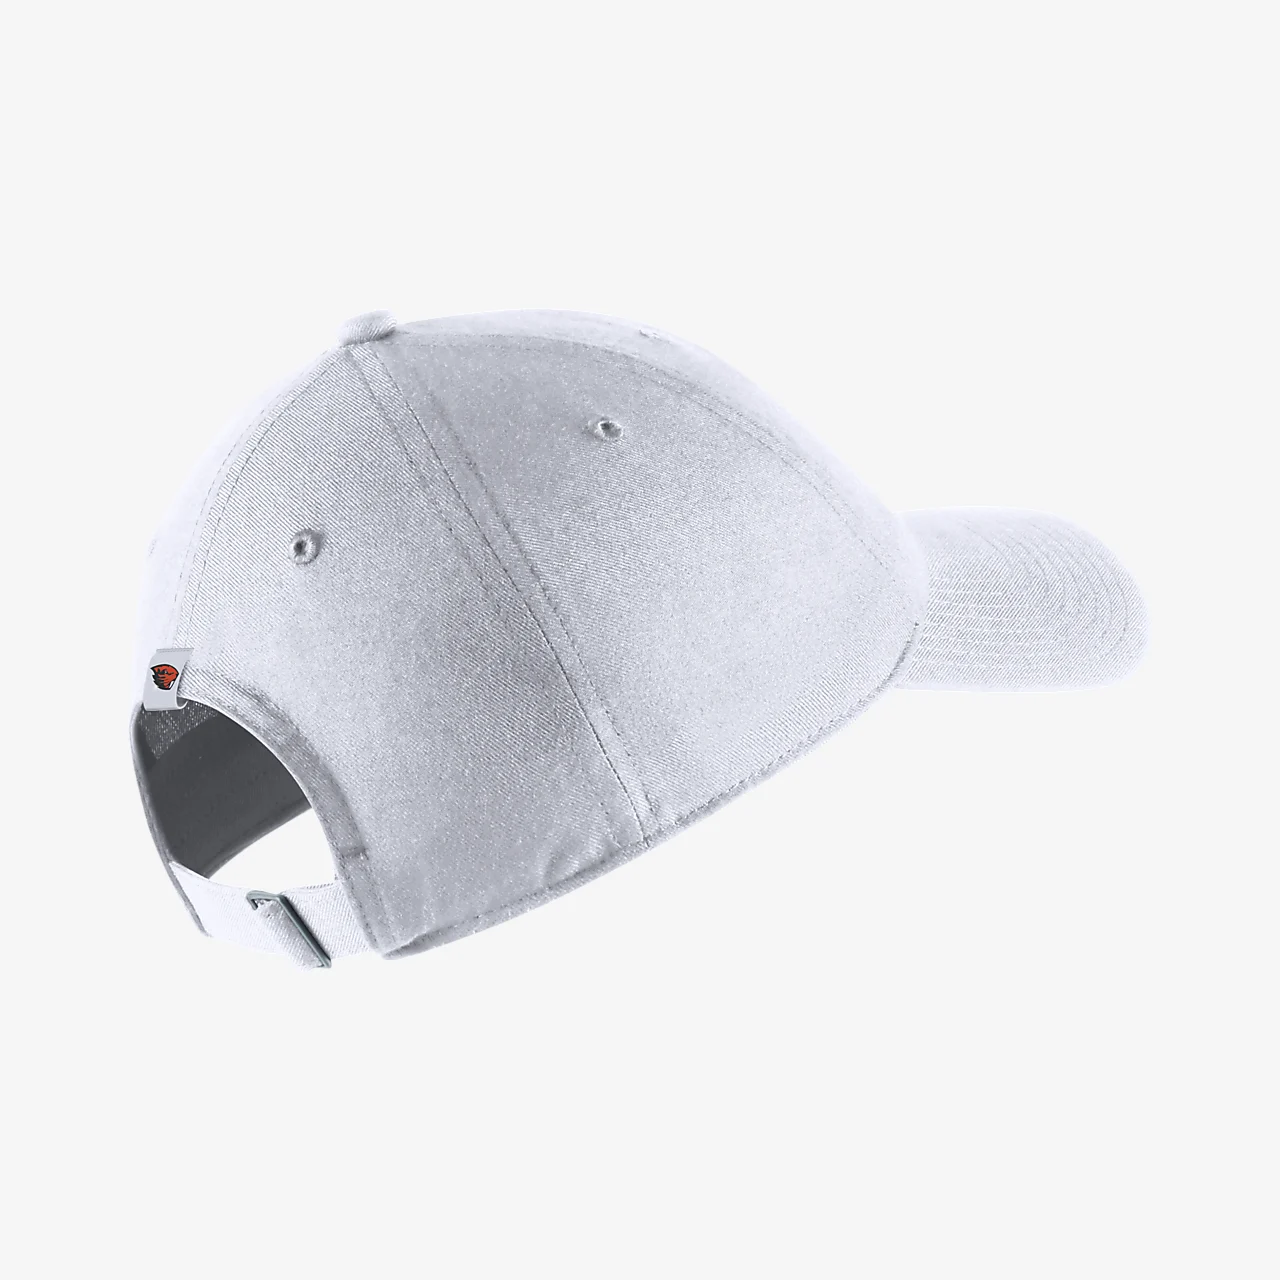 나이키 칼리지 헤리티지86(오레곤 주) 모자 AV7571-100